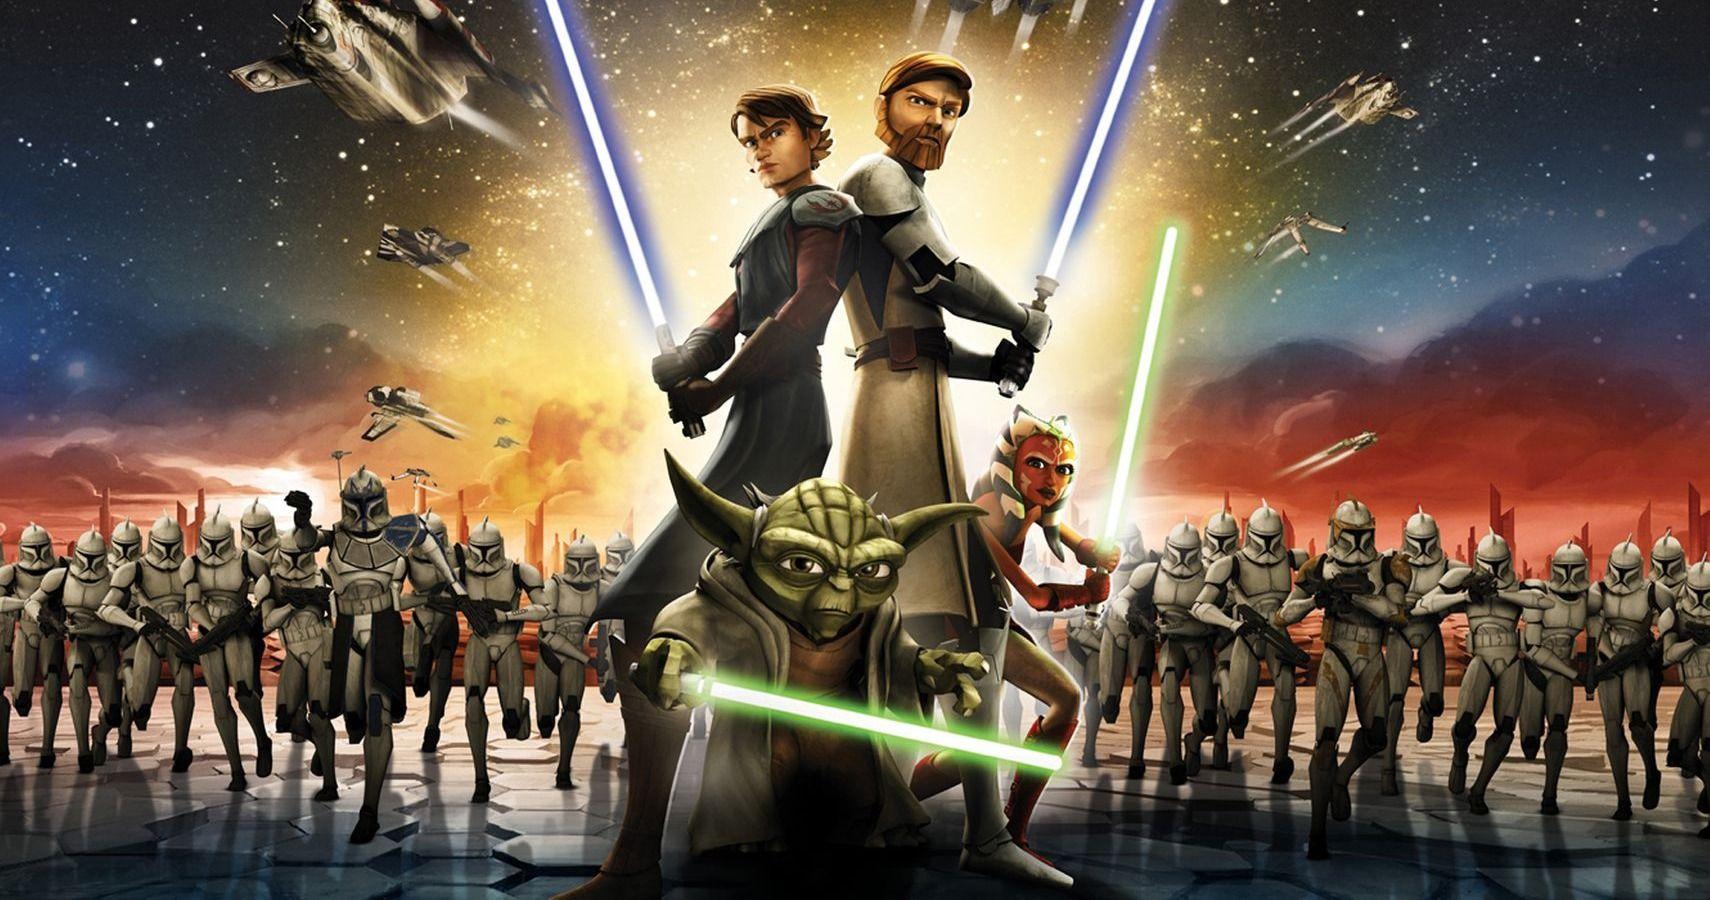 Todos os títulos de filmes de Star Wars classificados do MELHOR até Star Wars: O Retorno Dos Jedi 4